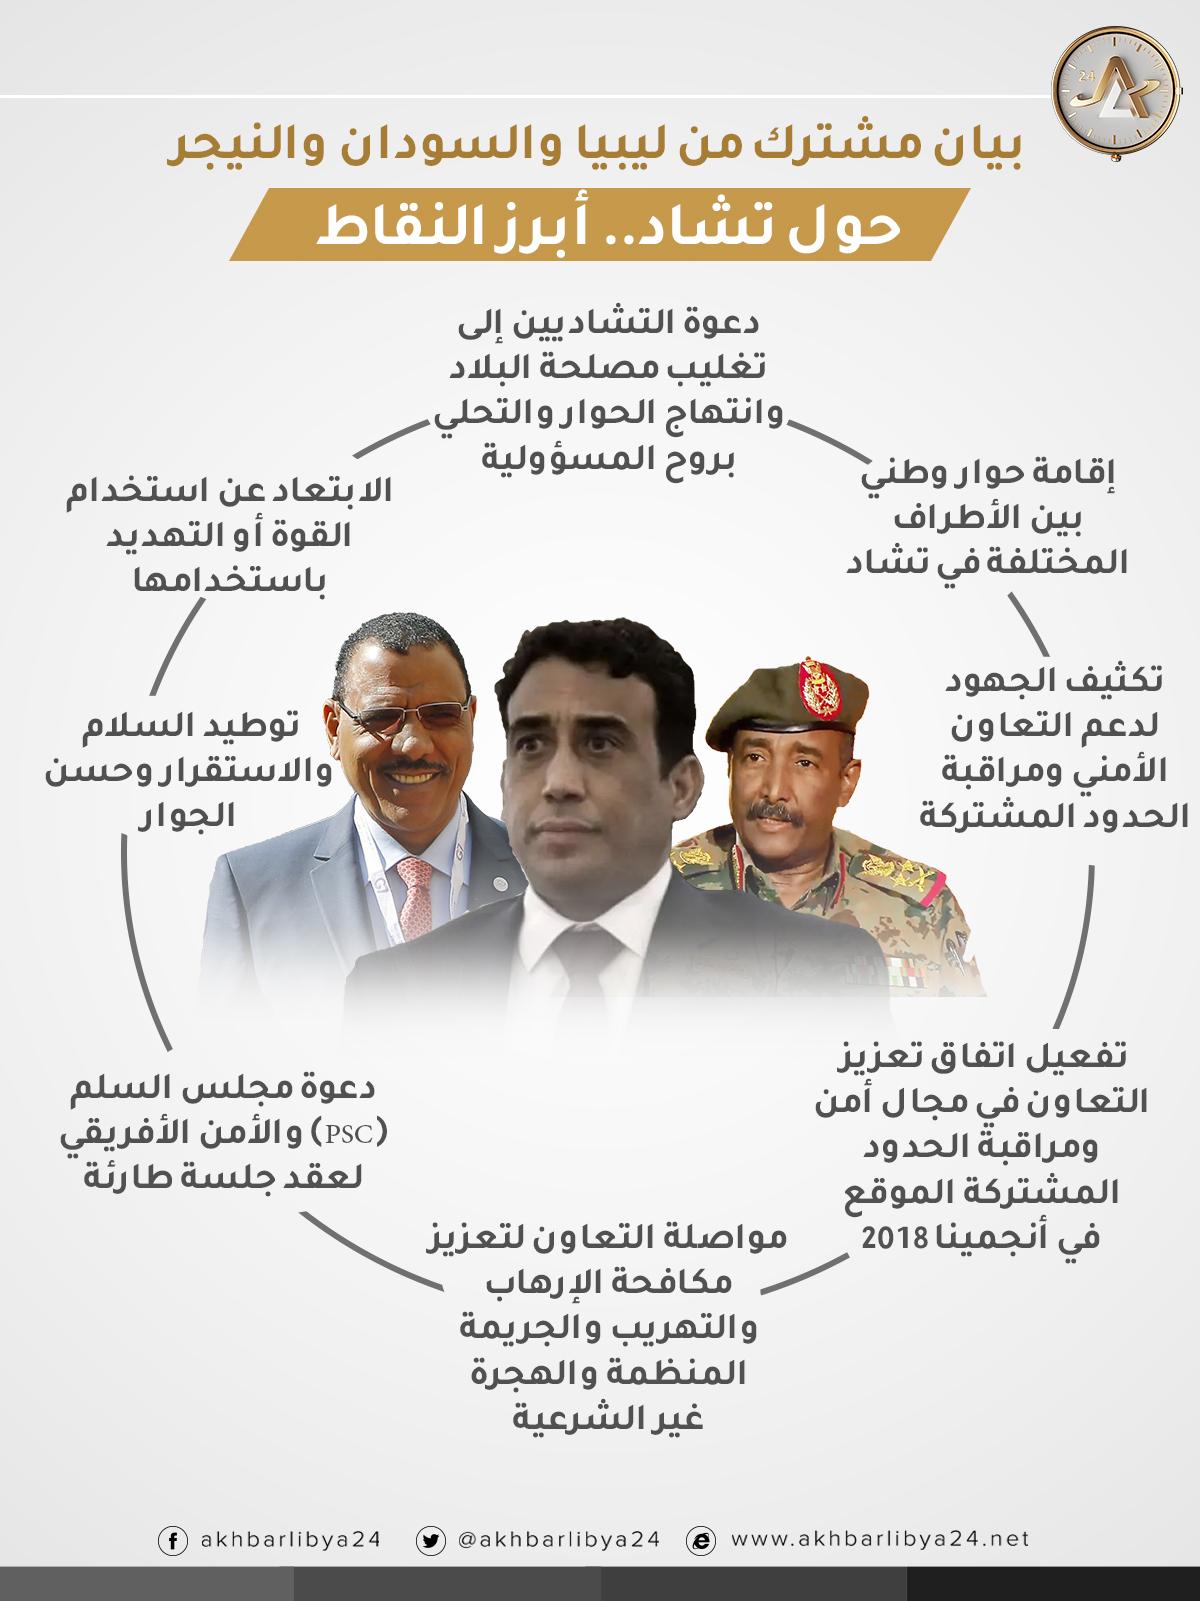 مشترك من ليبيا والسودان والنيجر حول تشاد.. أبرز النقاط Info